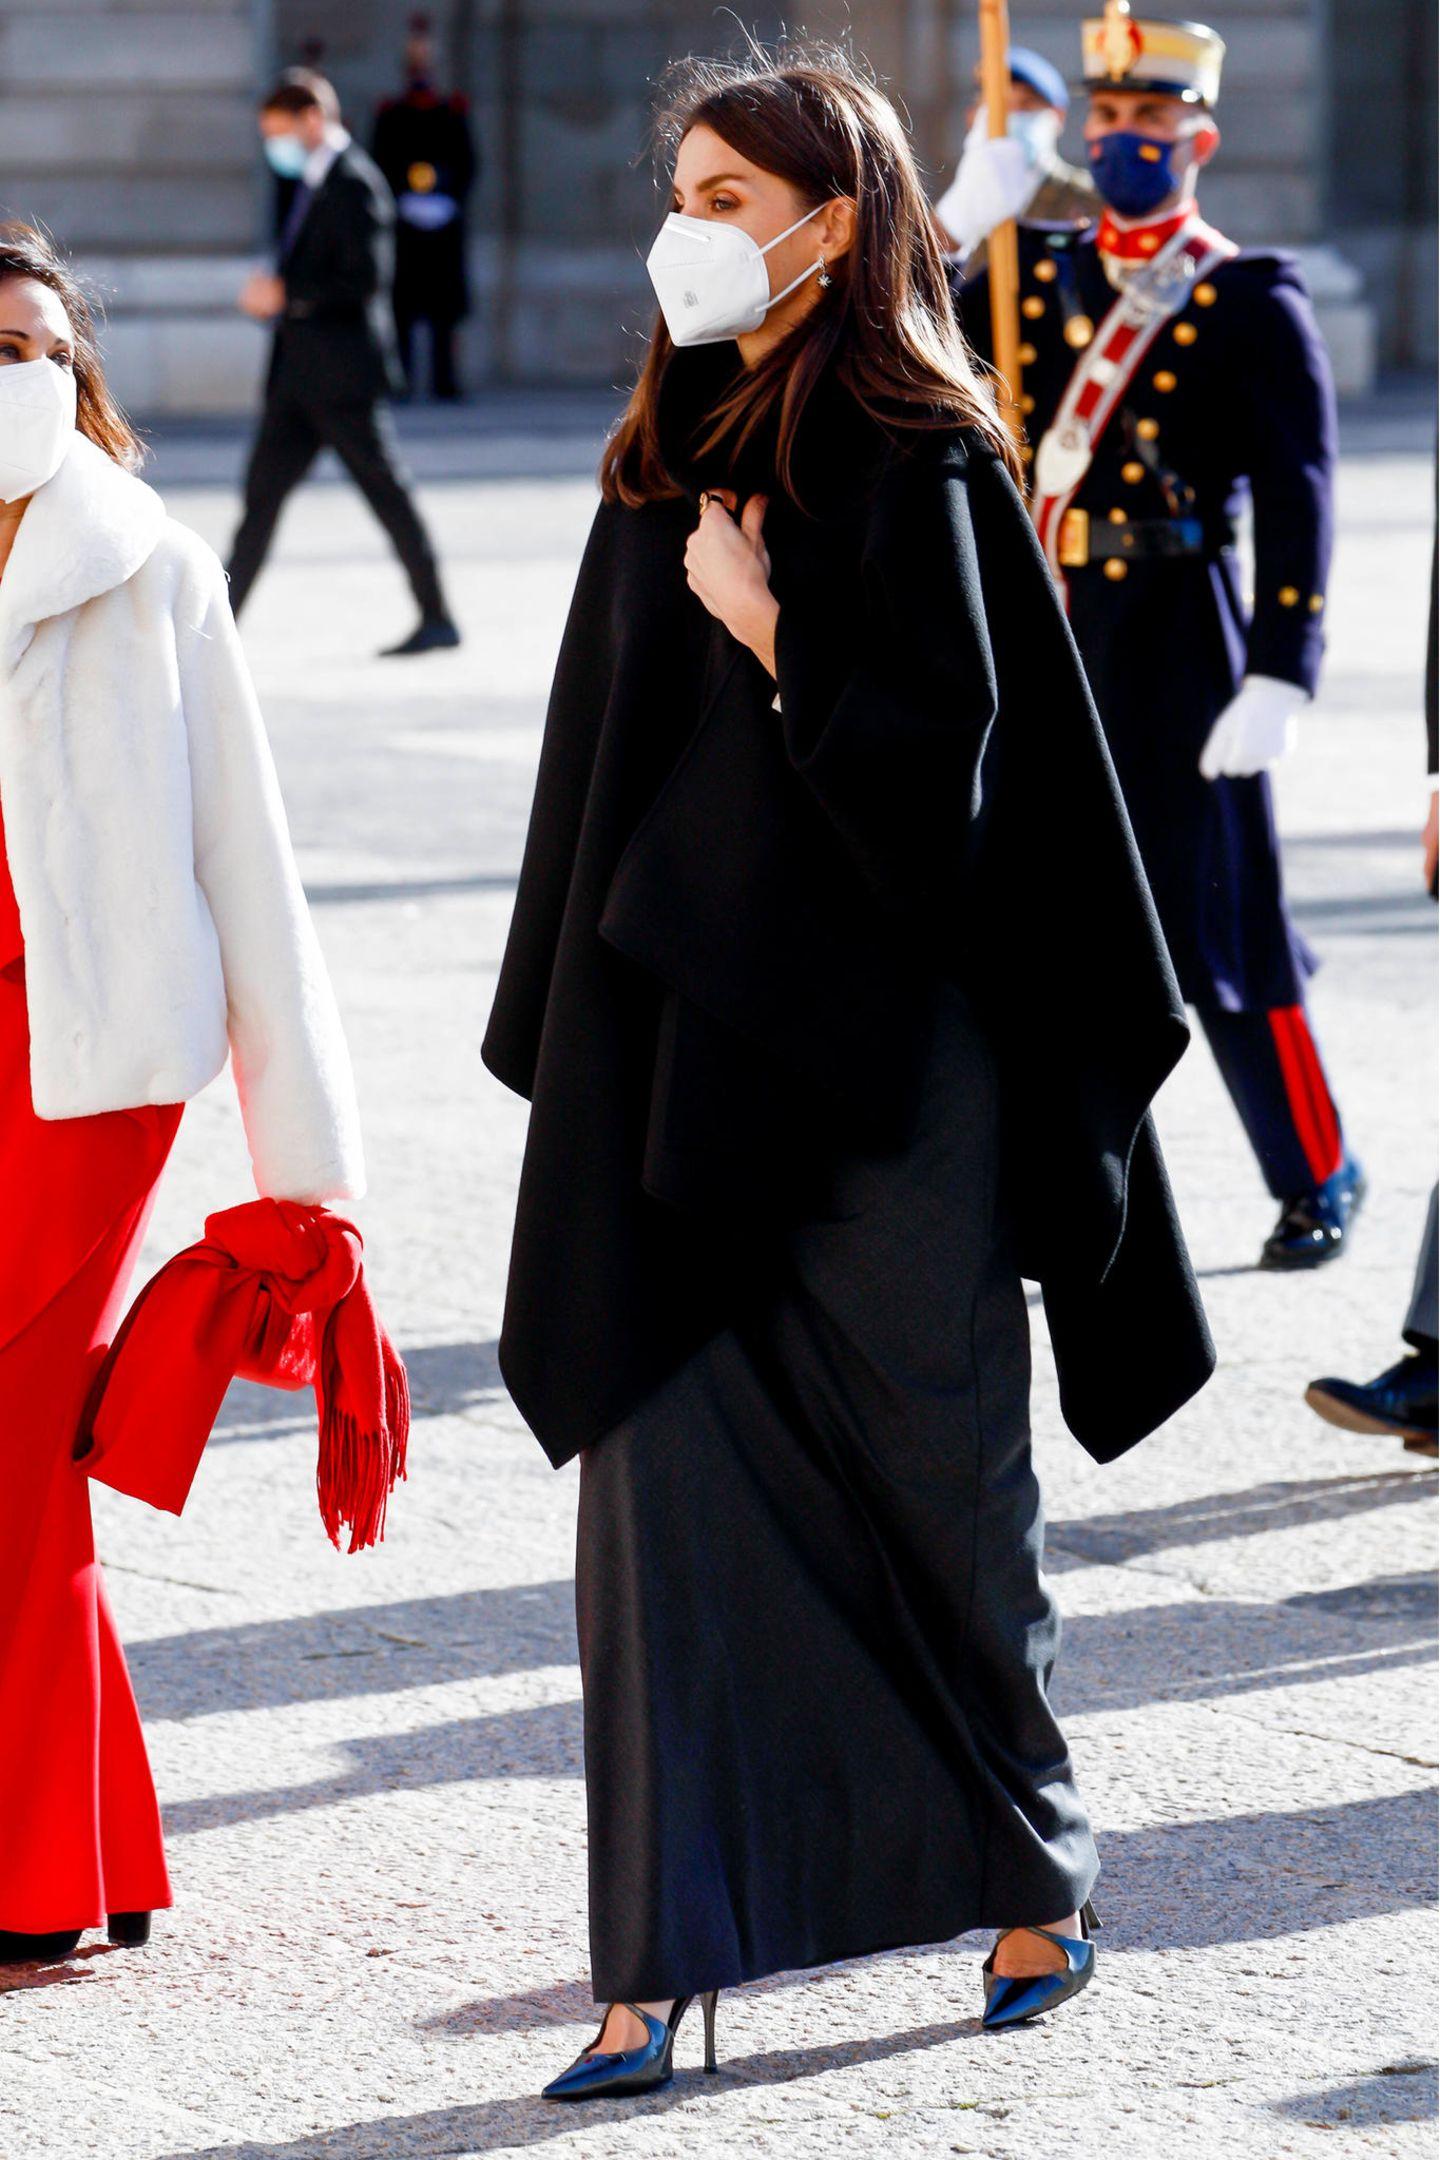 Mit einem eleganten Cape von Carolina Herrera schützt sich Königin Letizia vor den etwas kühleren Temperaturen.